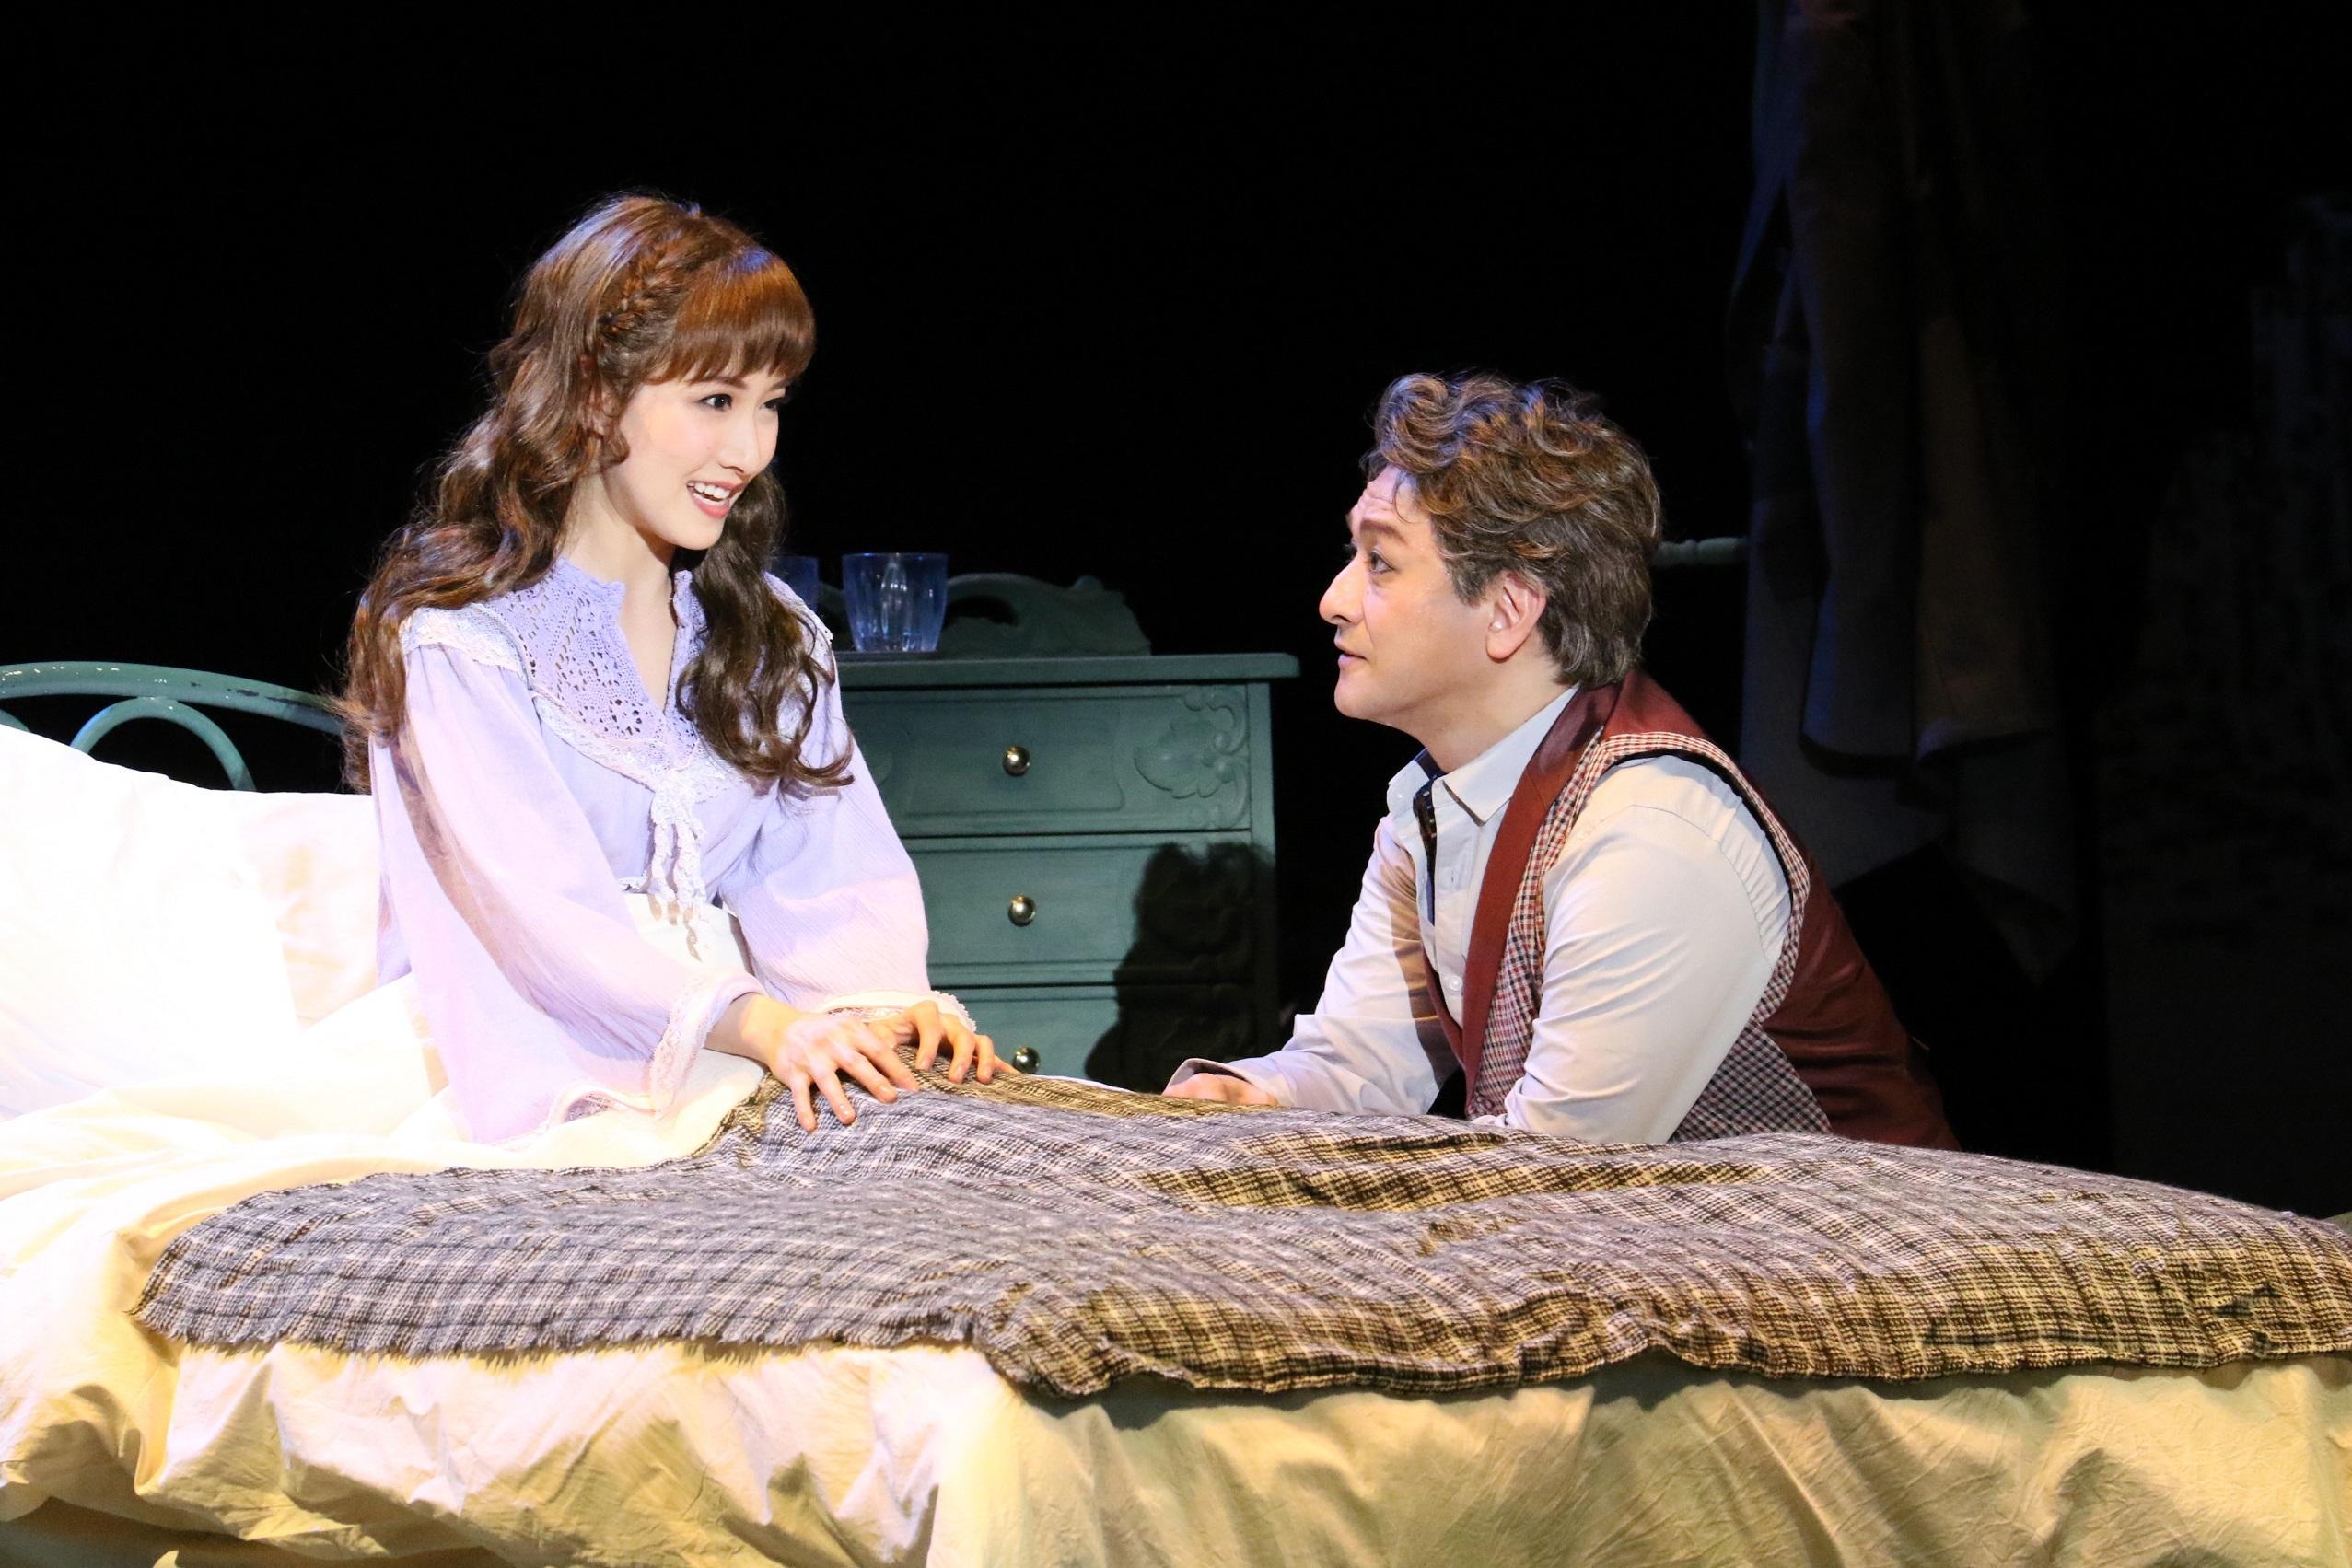 音楽劇『ライムライト』再演より、石丸幹二(右)と実咲凜音